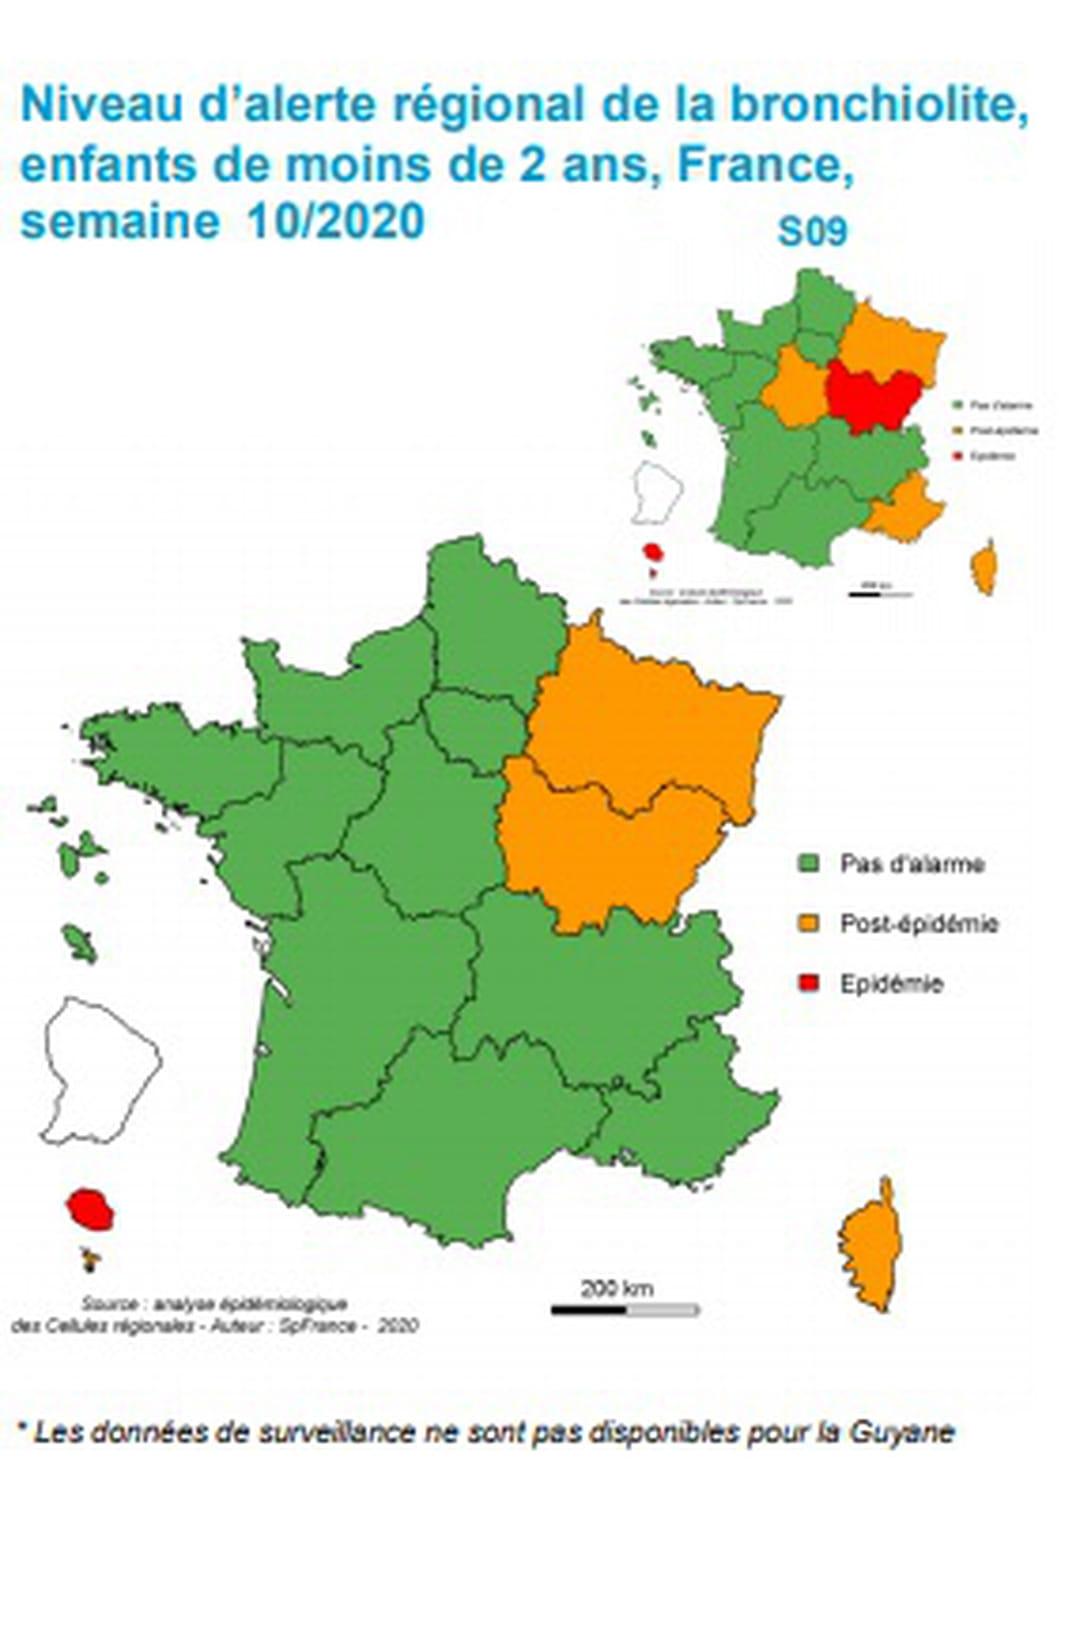 Bronchiolite : Symptômes Chez Le Bébé Et Le Nourrisson avec Carte De France Pour Enfant